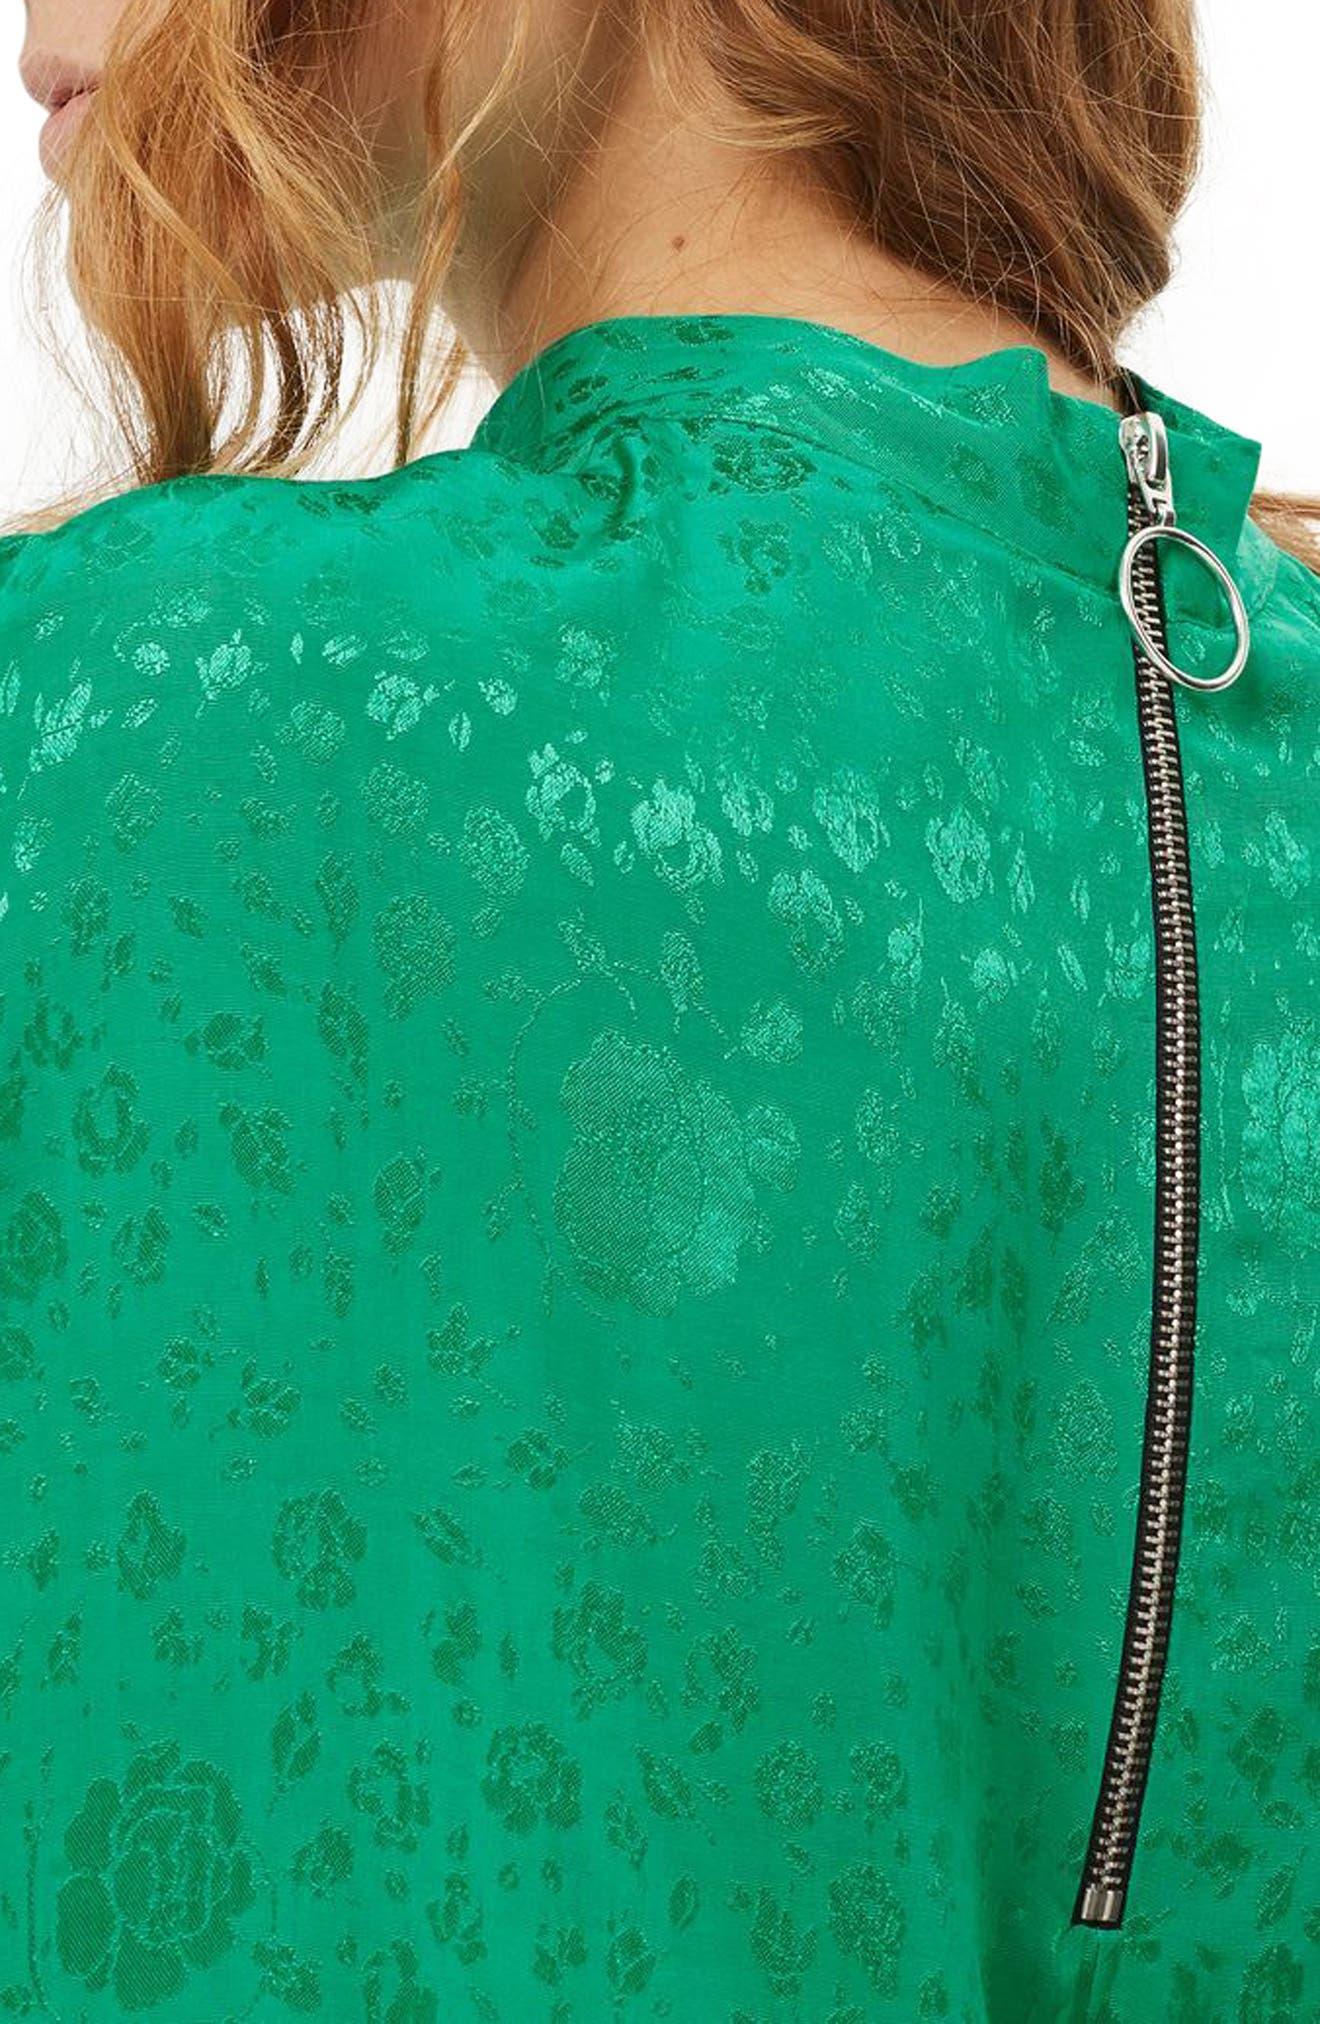 Jacquard Kimono Sleeve Top,                             Alternate thumbnail 3, color,                             Bright Green